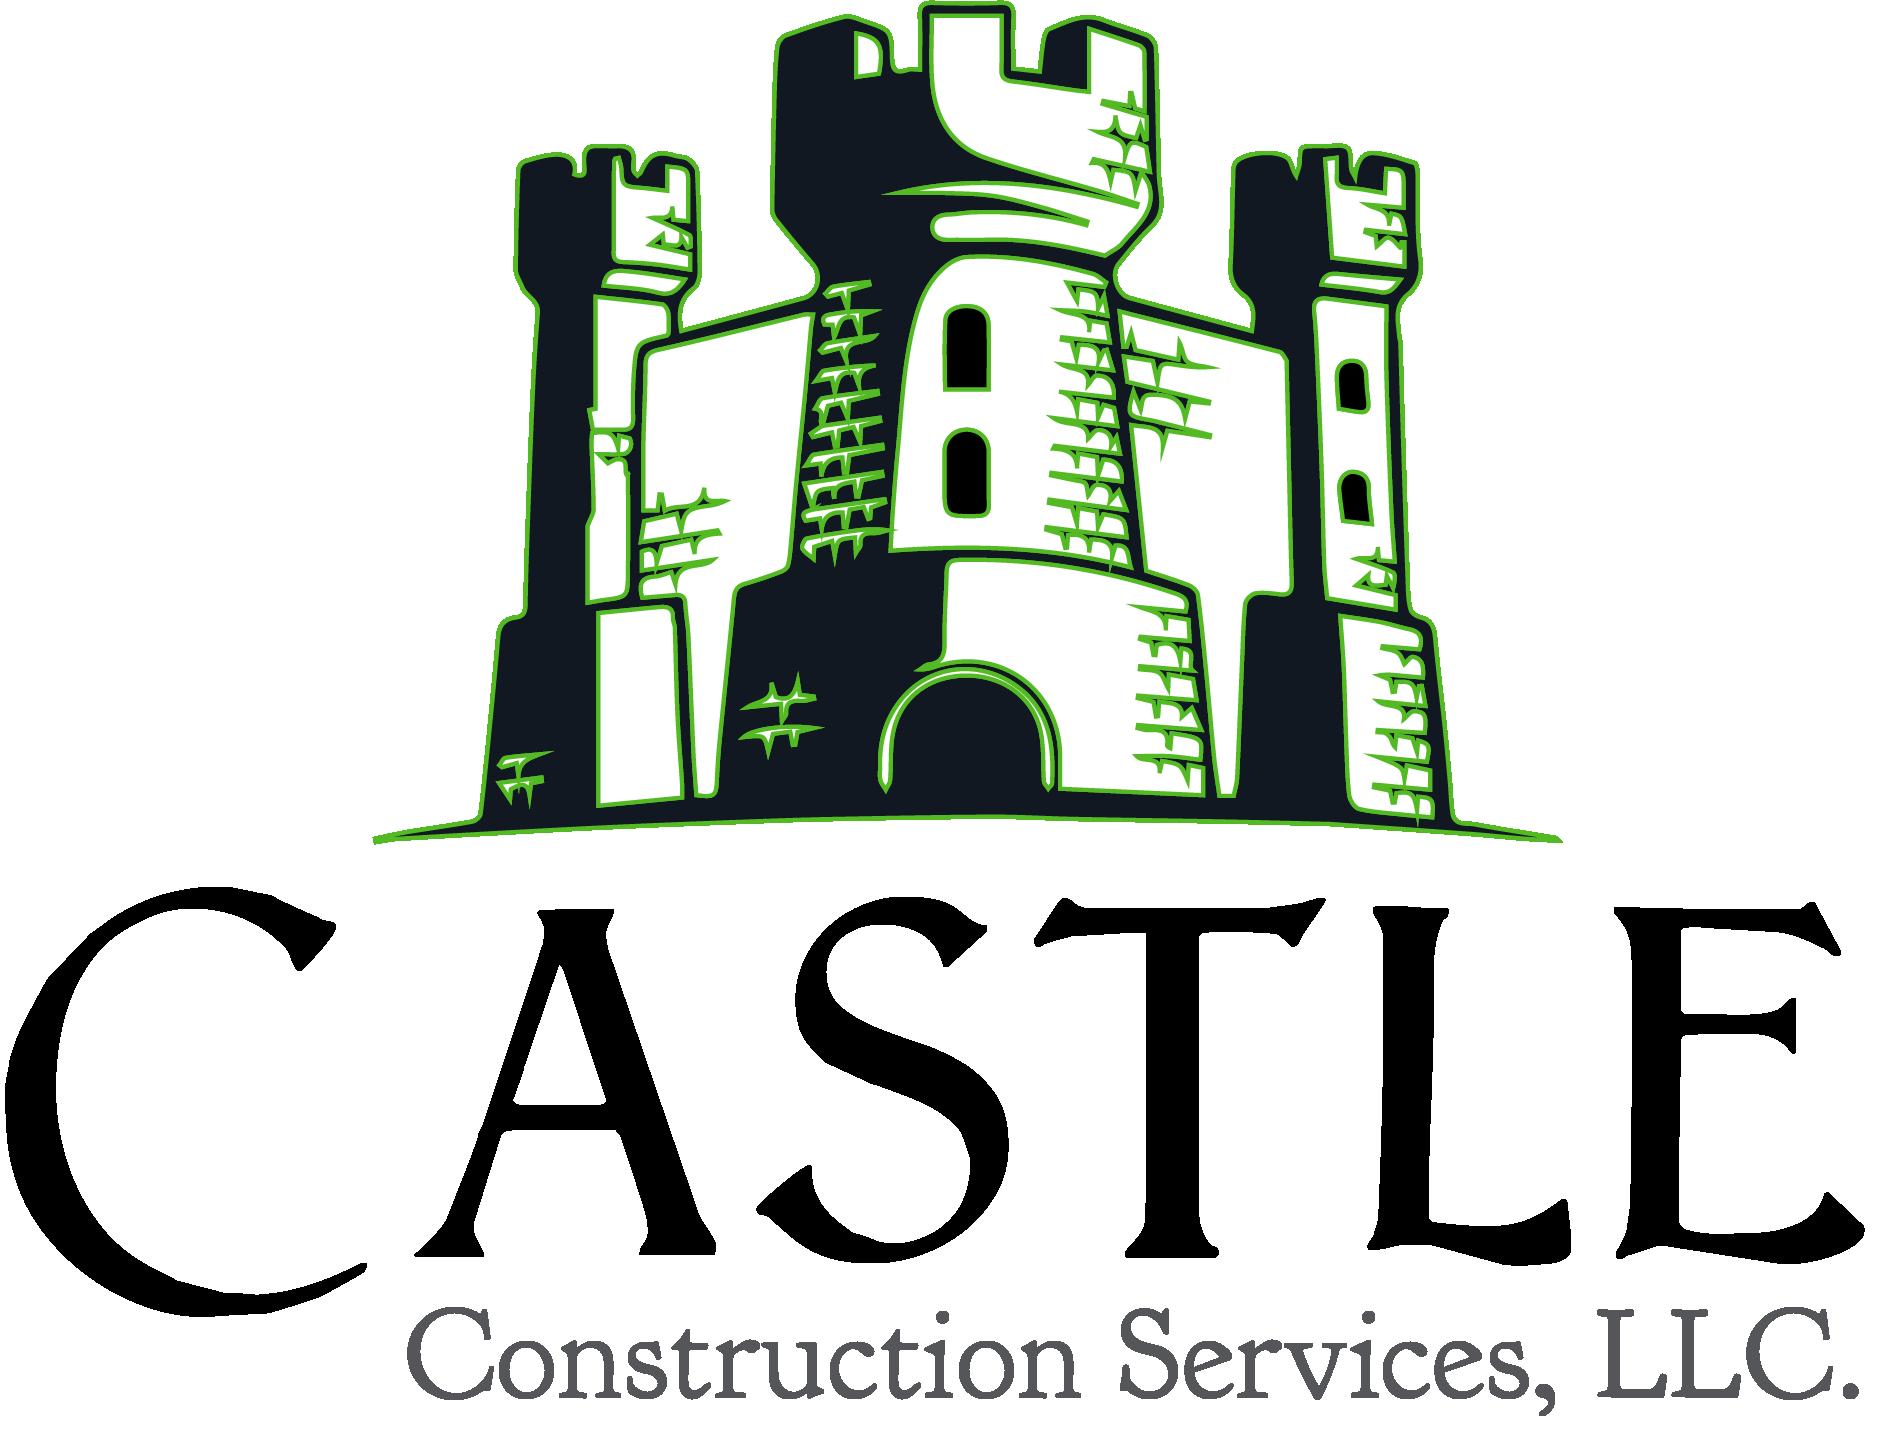 Castle construction services denver. Contractor clipart office renovation